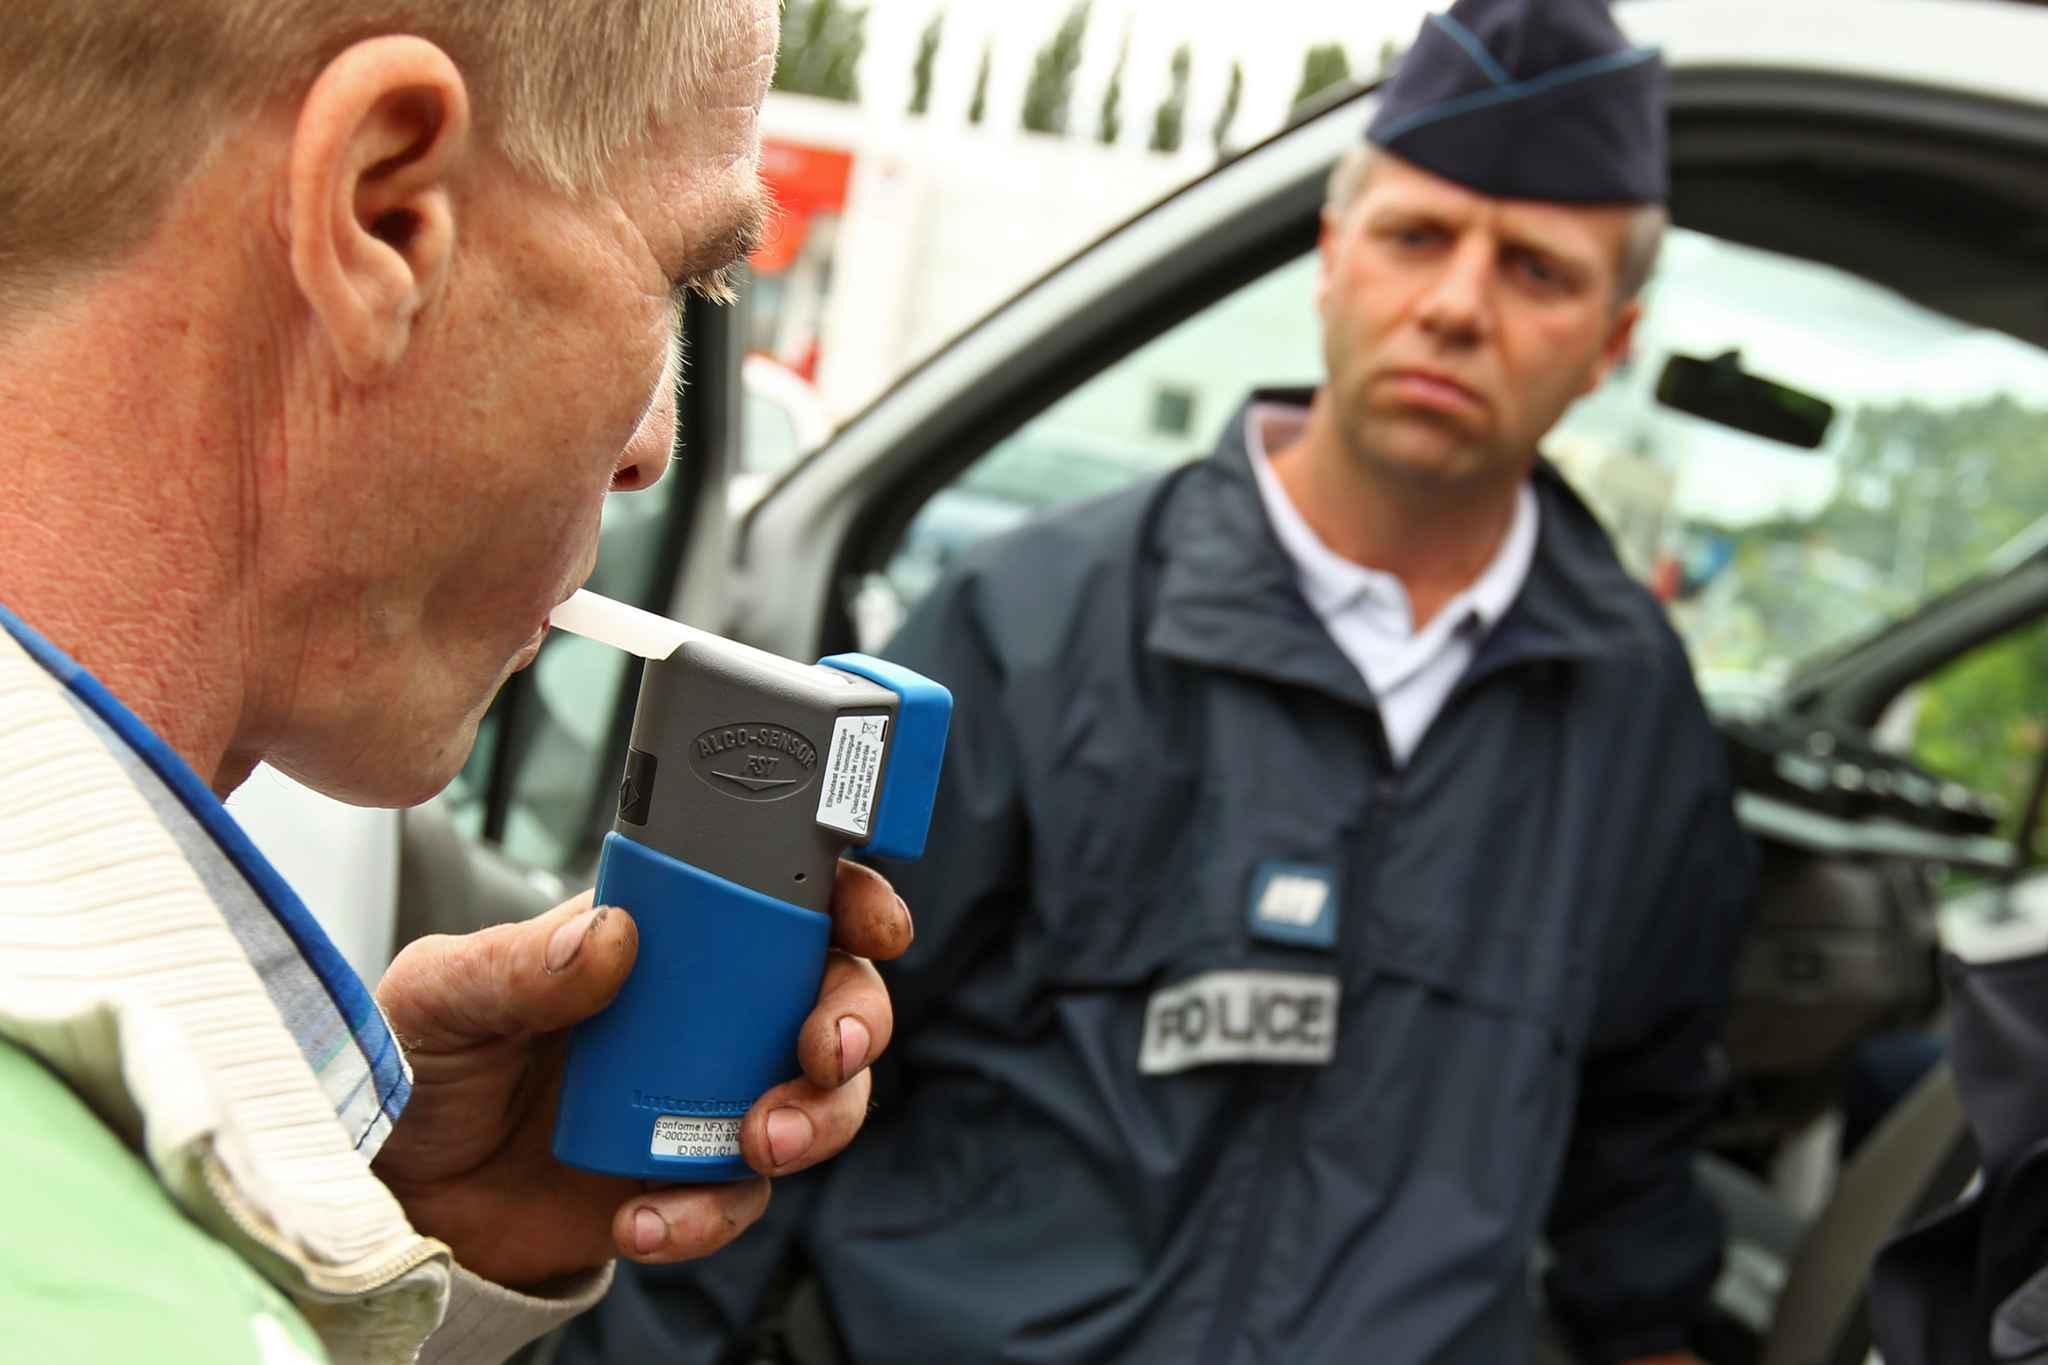 Un Calaisien menace de défenestrer un nourrisson pour obtenir un verre d'alcool